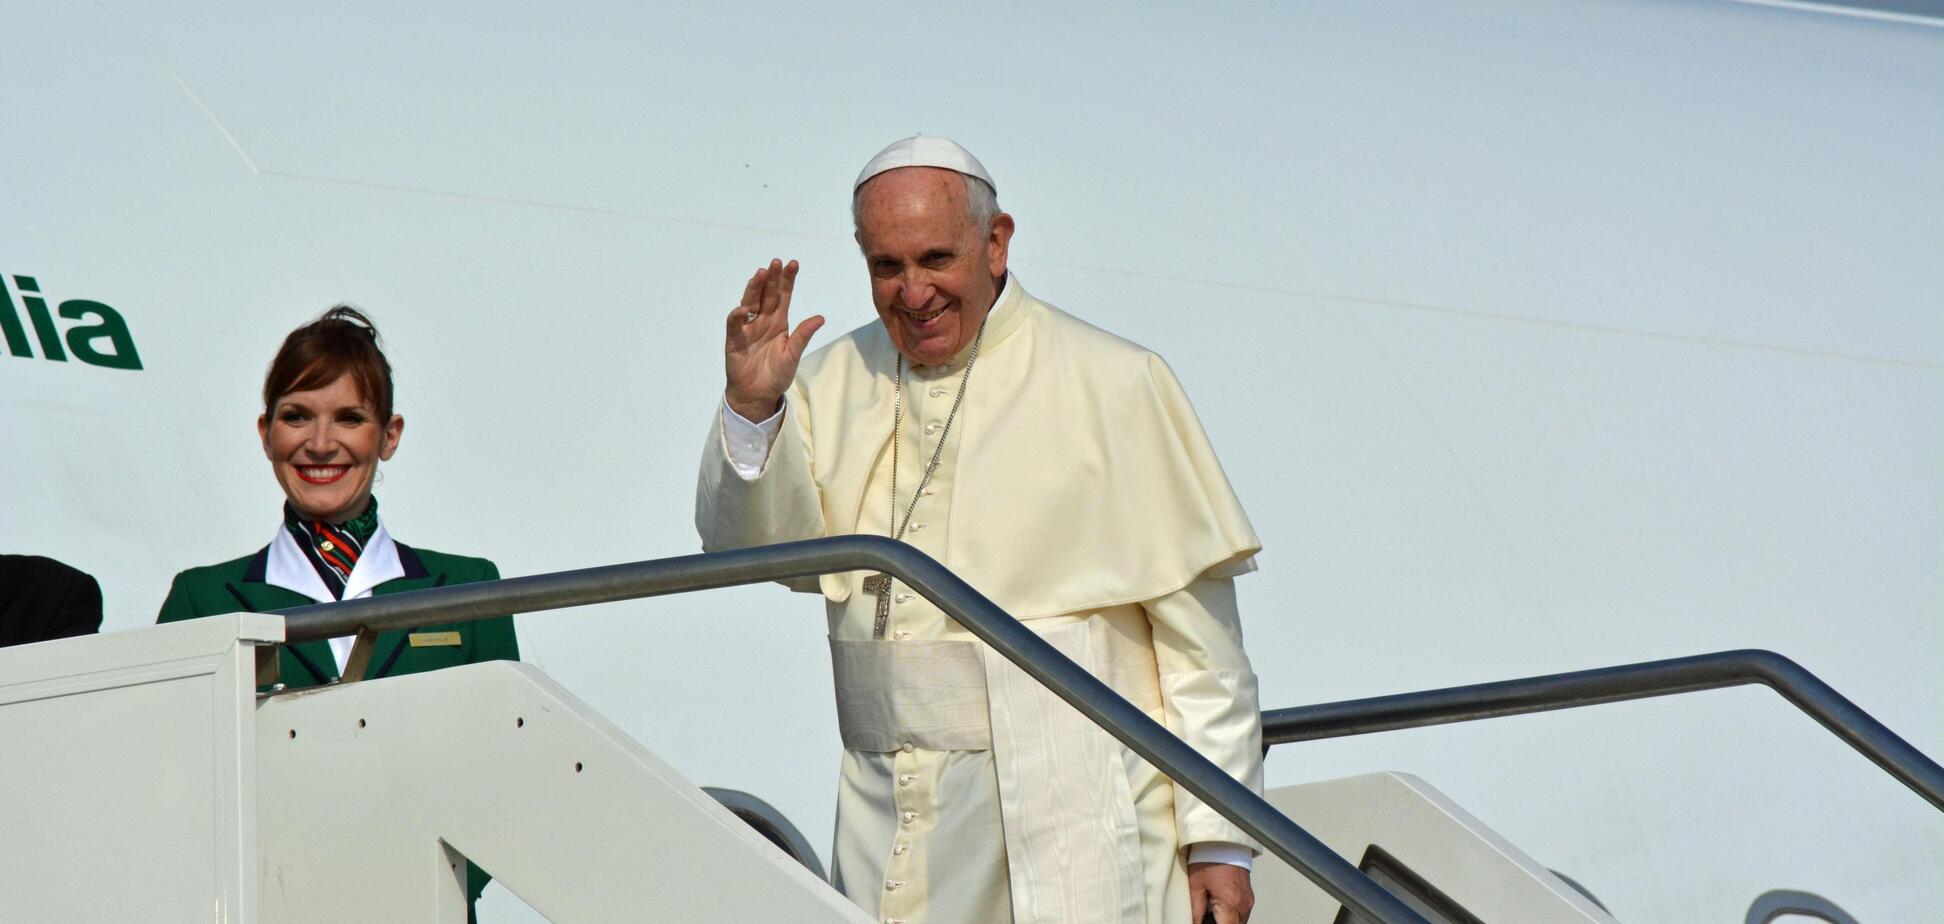 Папа Франциск благословив шлюб... в повітрі